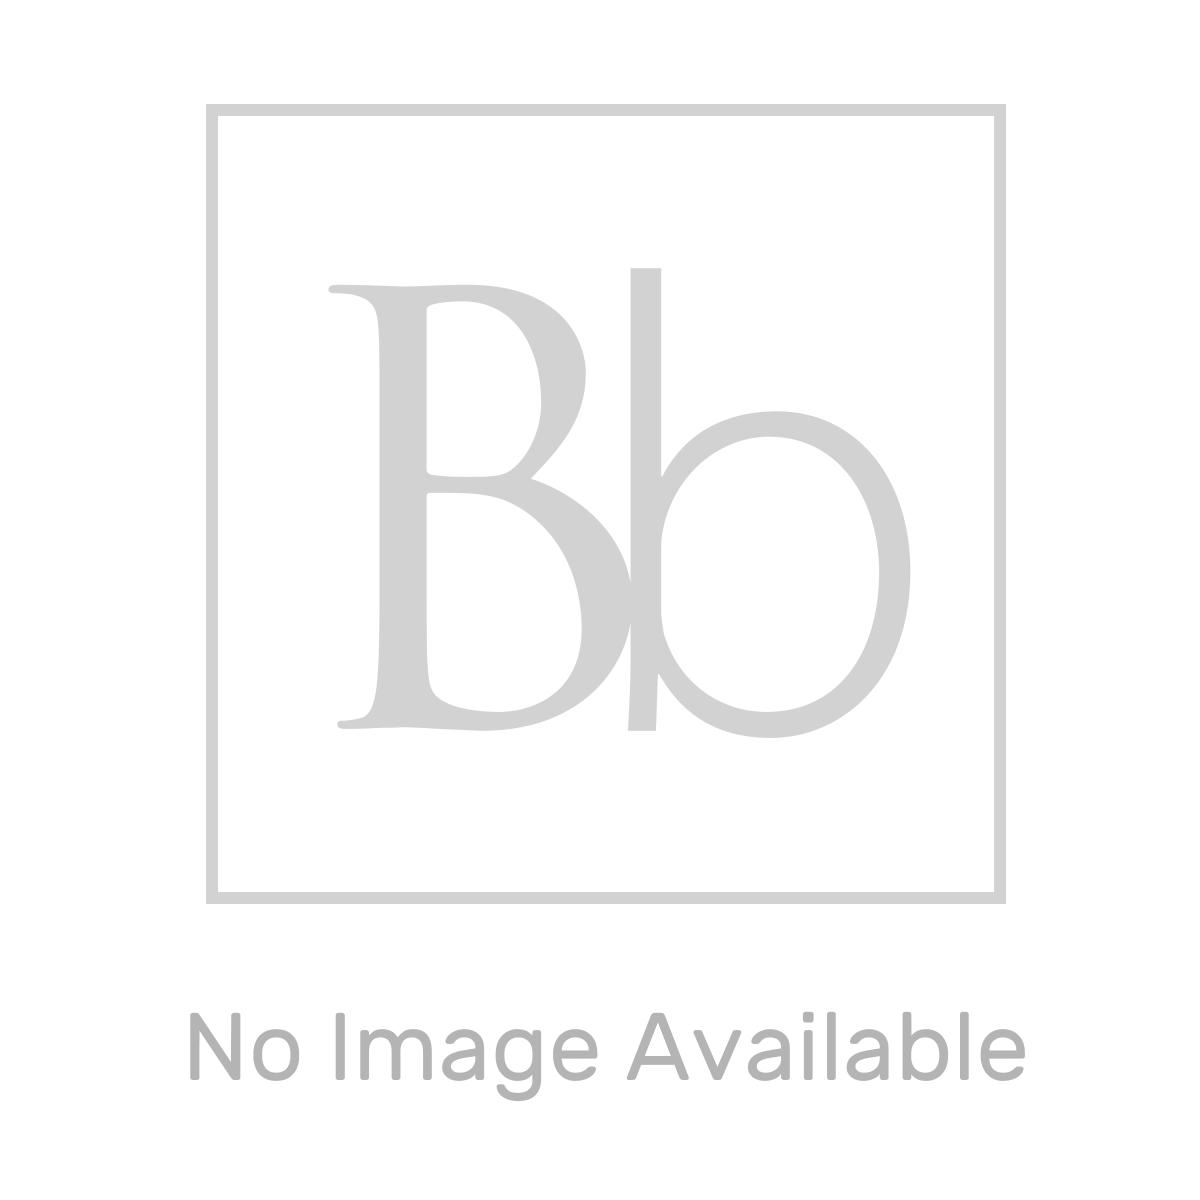 RAK Resort Ensuite Bathroom with Apex Offset Quadrant Shower Enclosure